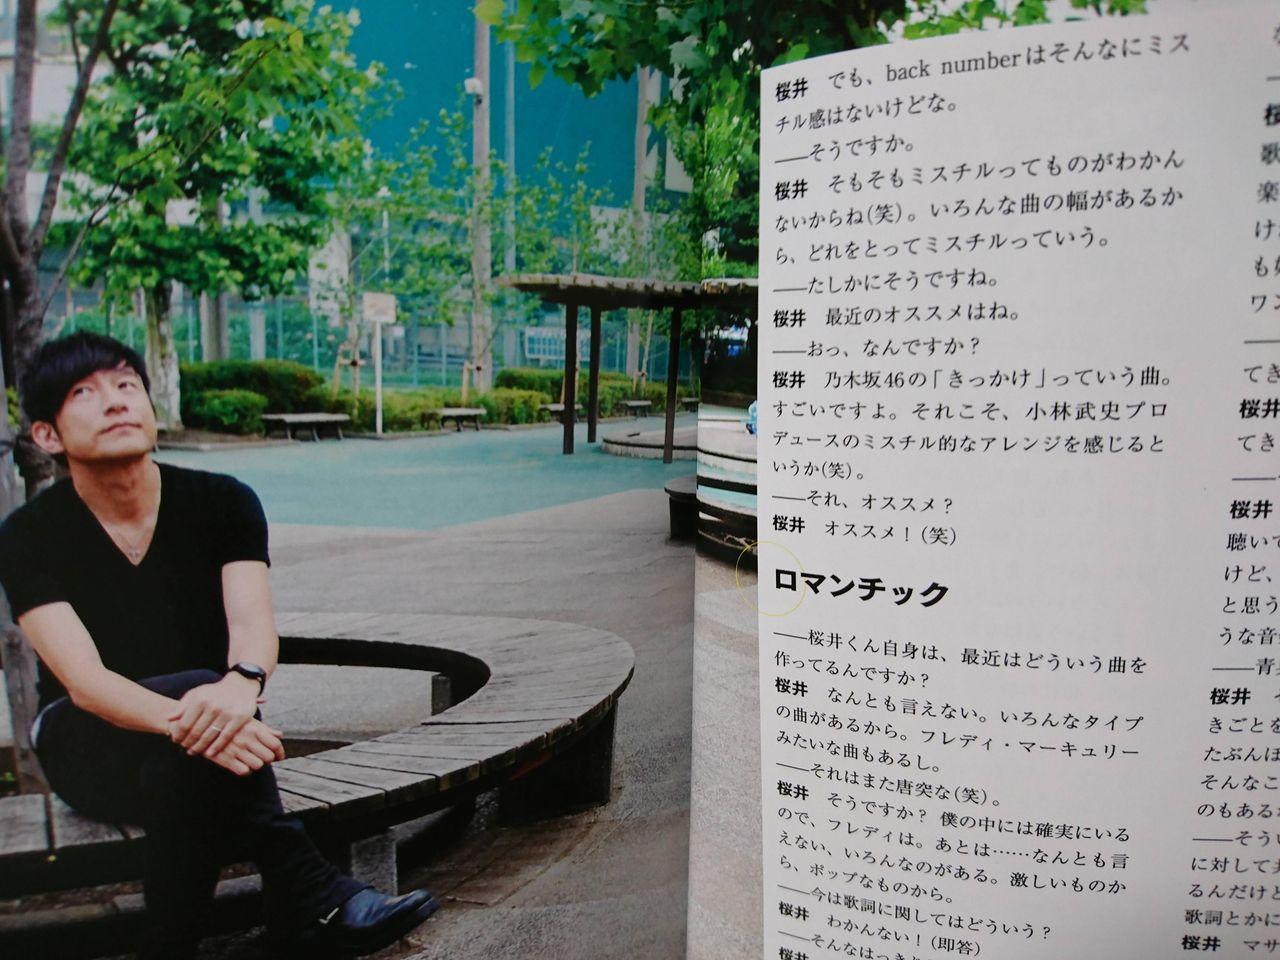 【乃木坂46】ミスチル桜井さんが音楽雑誌でも『きっかけ』オ ...